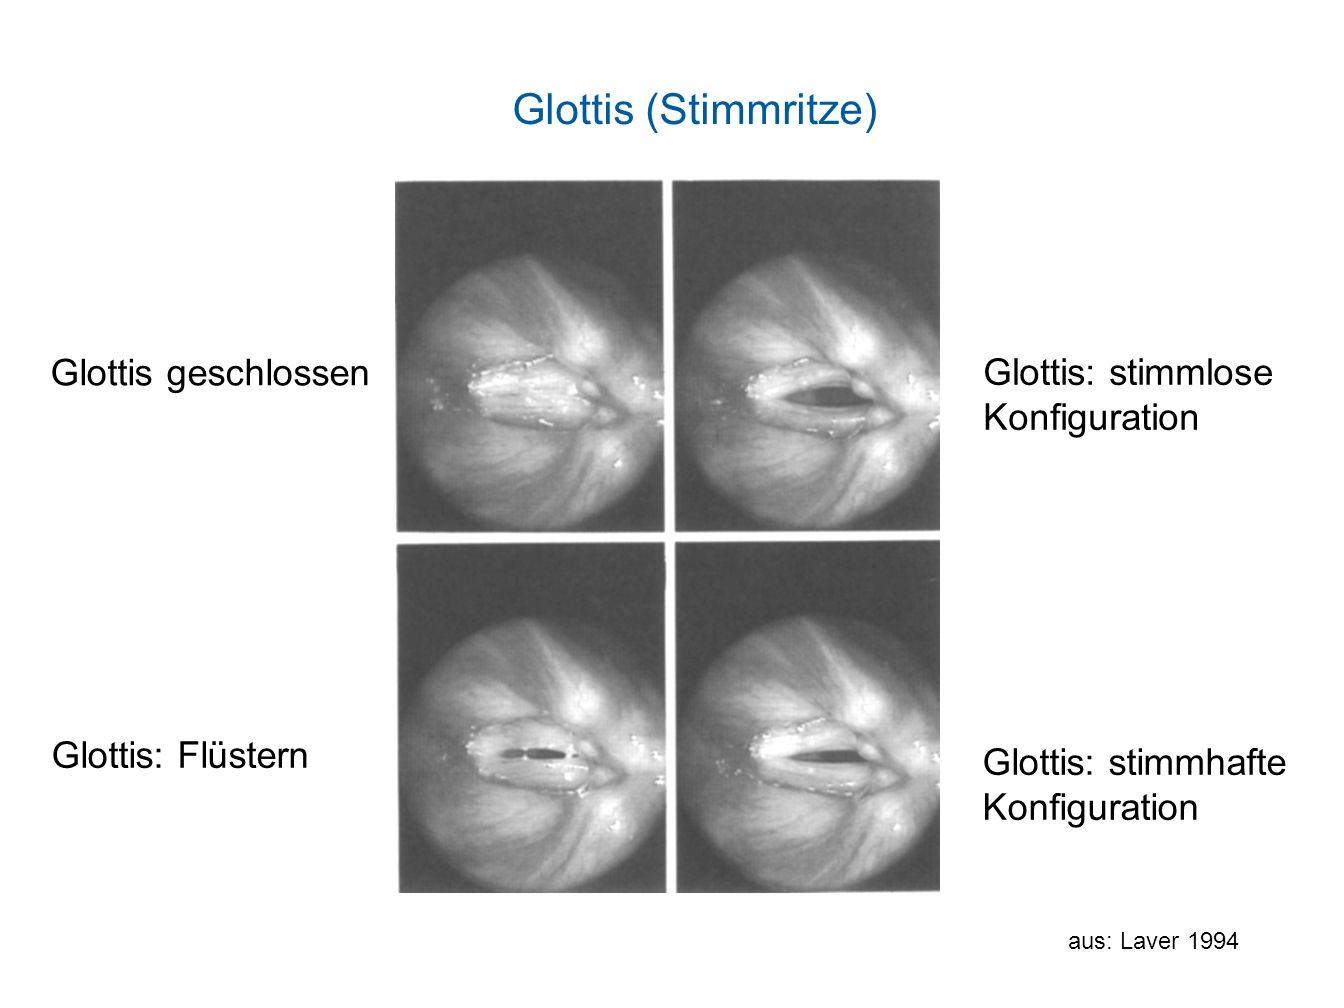 Glottis (Stimmritze) Glottis geschlossen